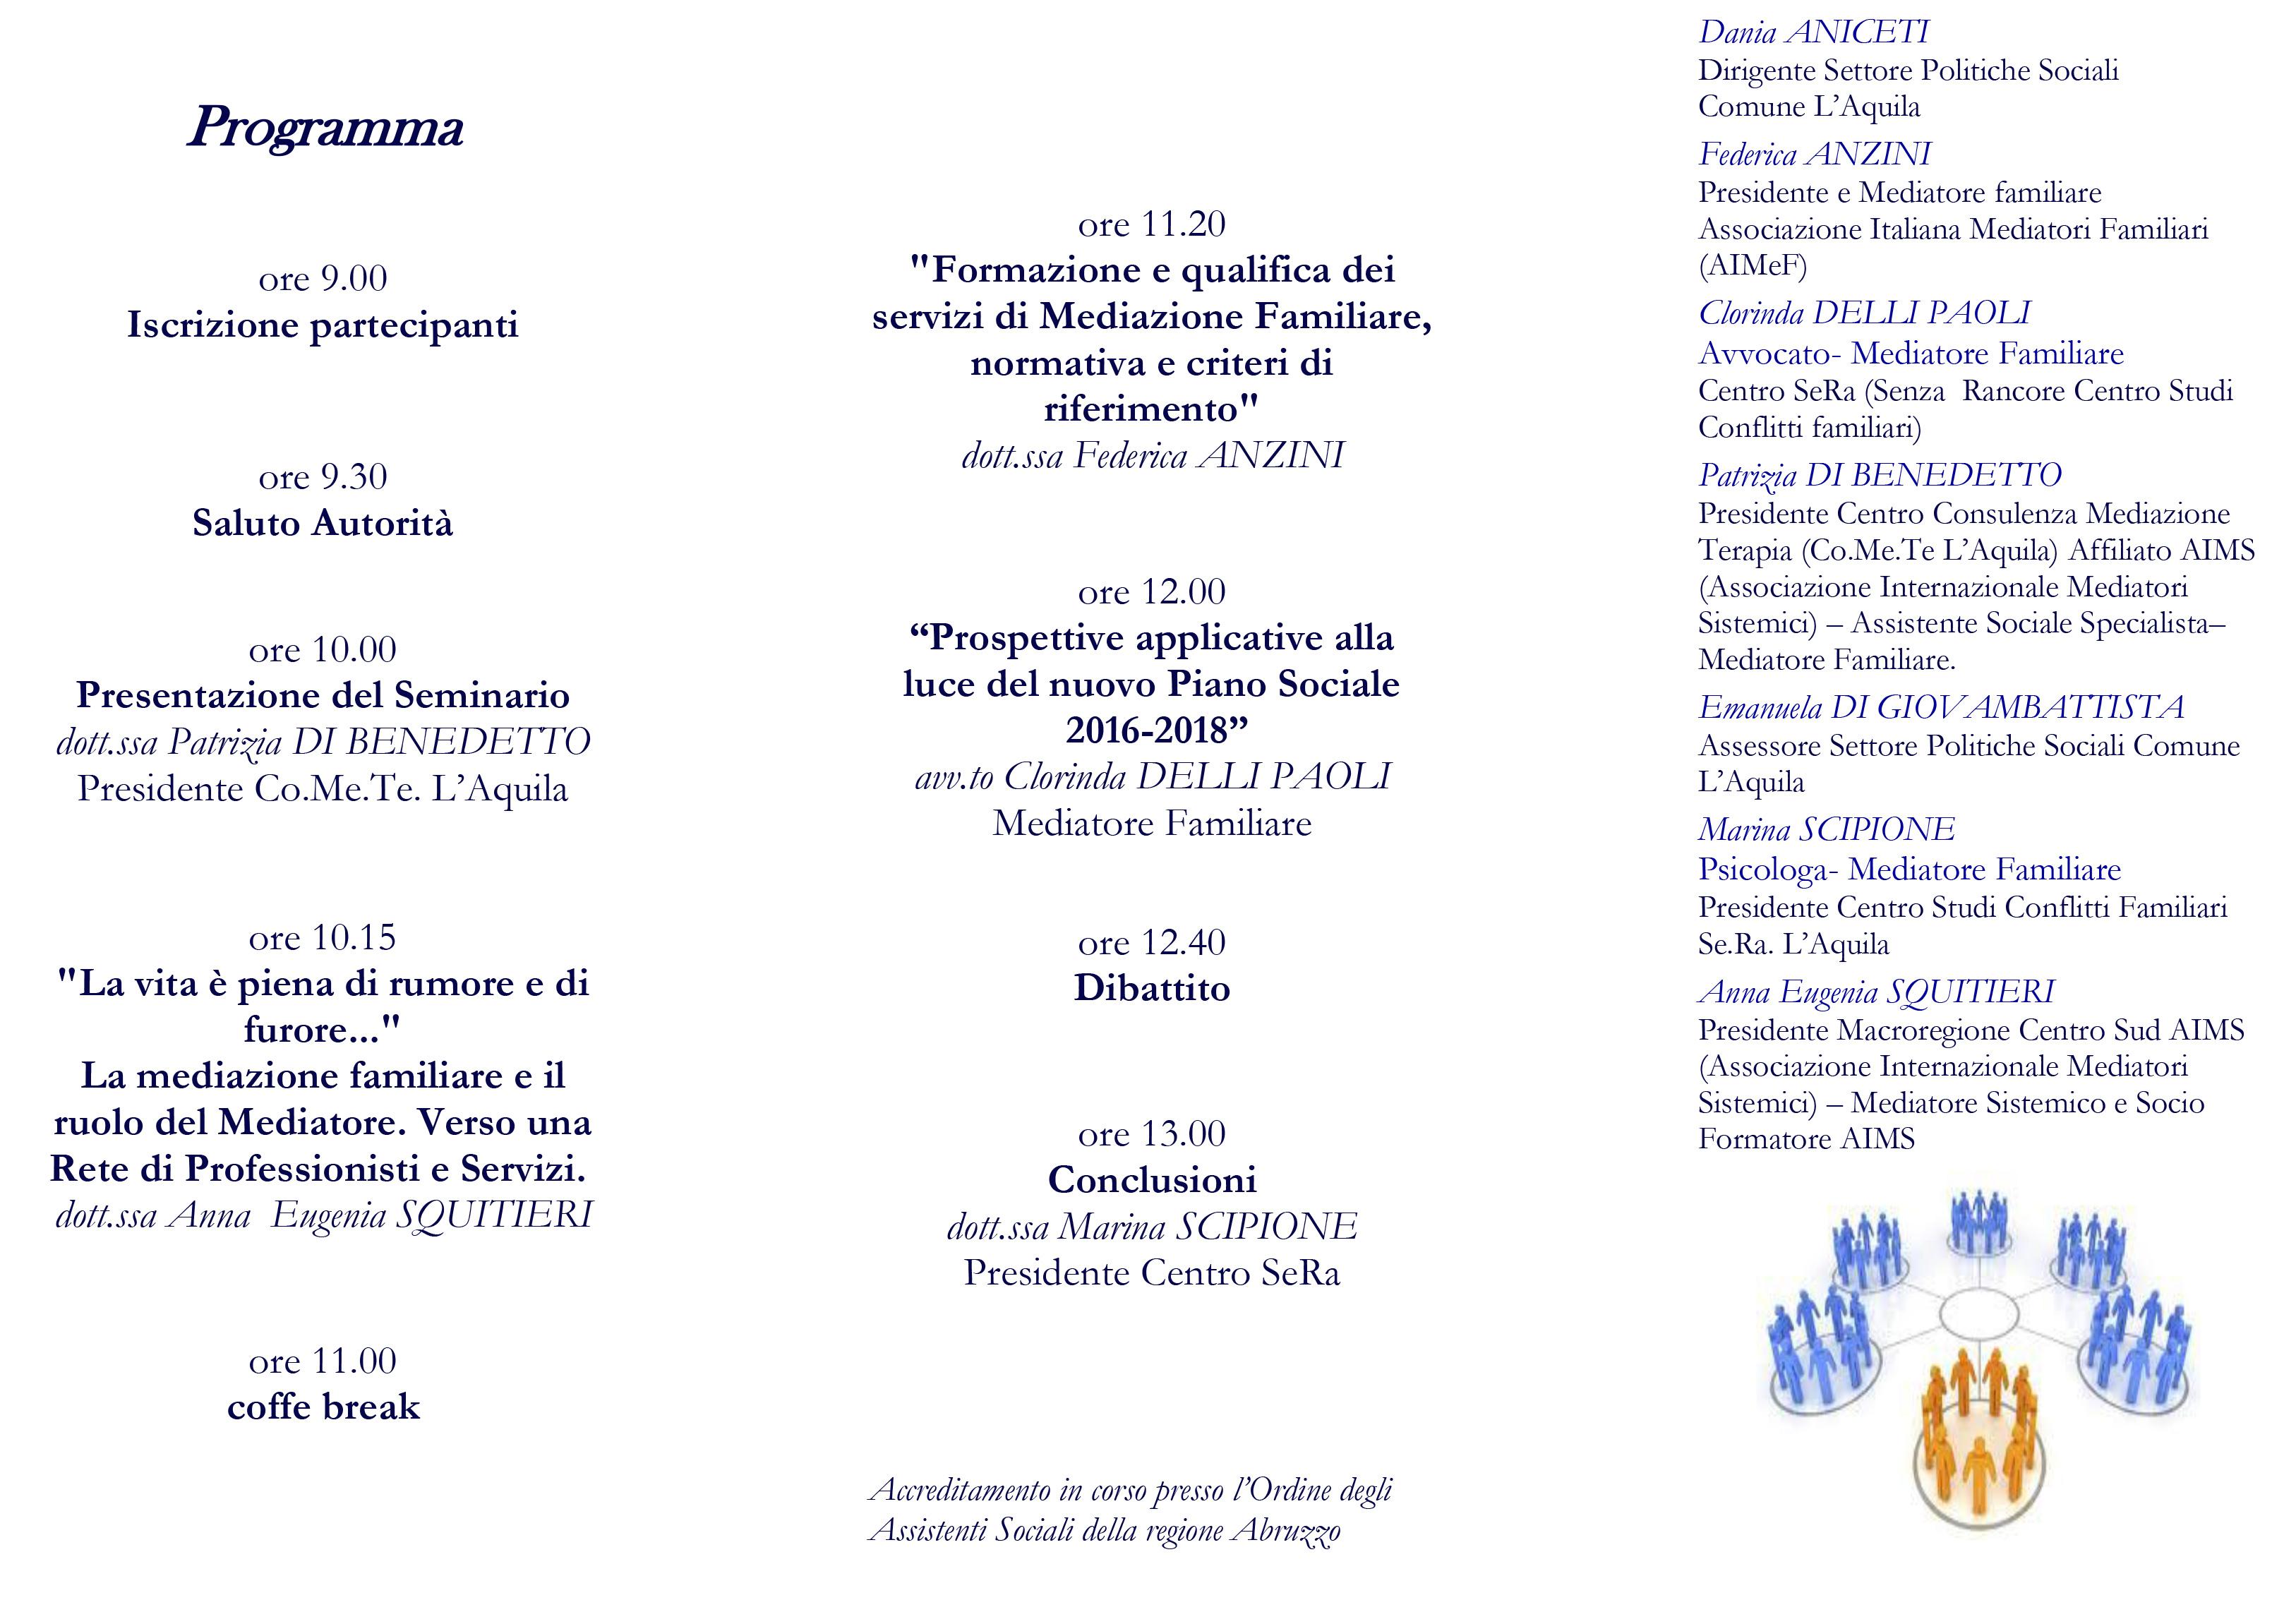 'La mediazione familiare in rete' seminario d'aggiornamento all'Aquila